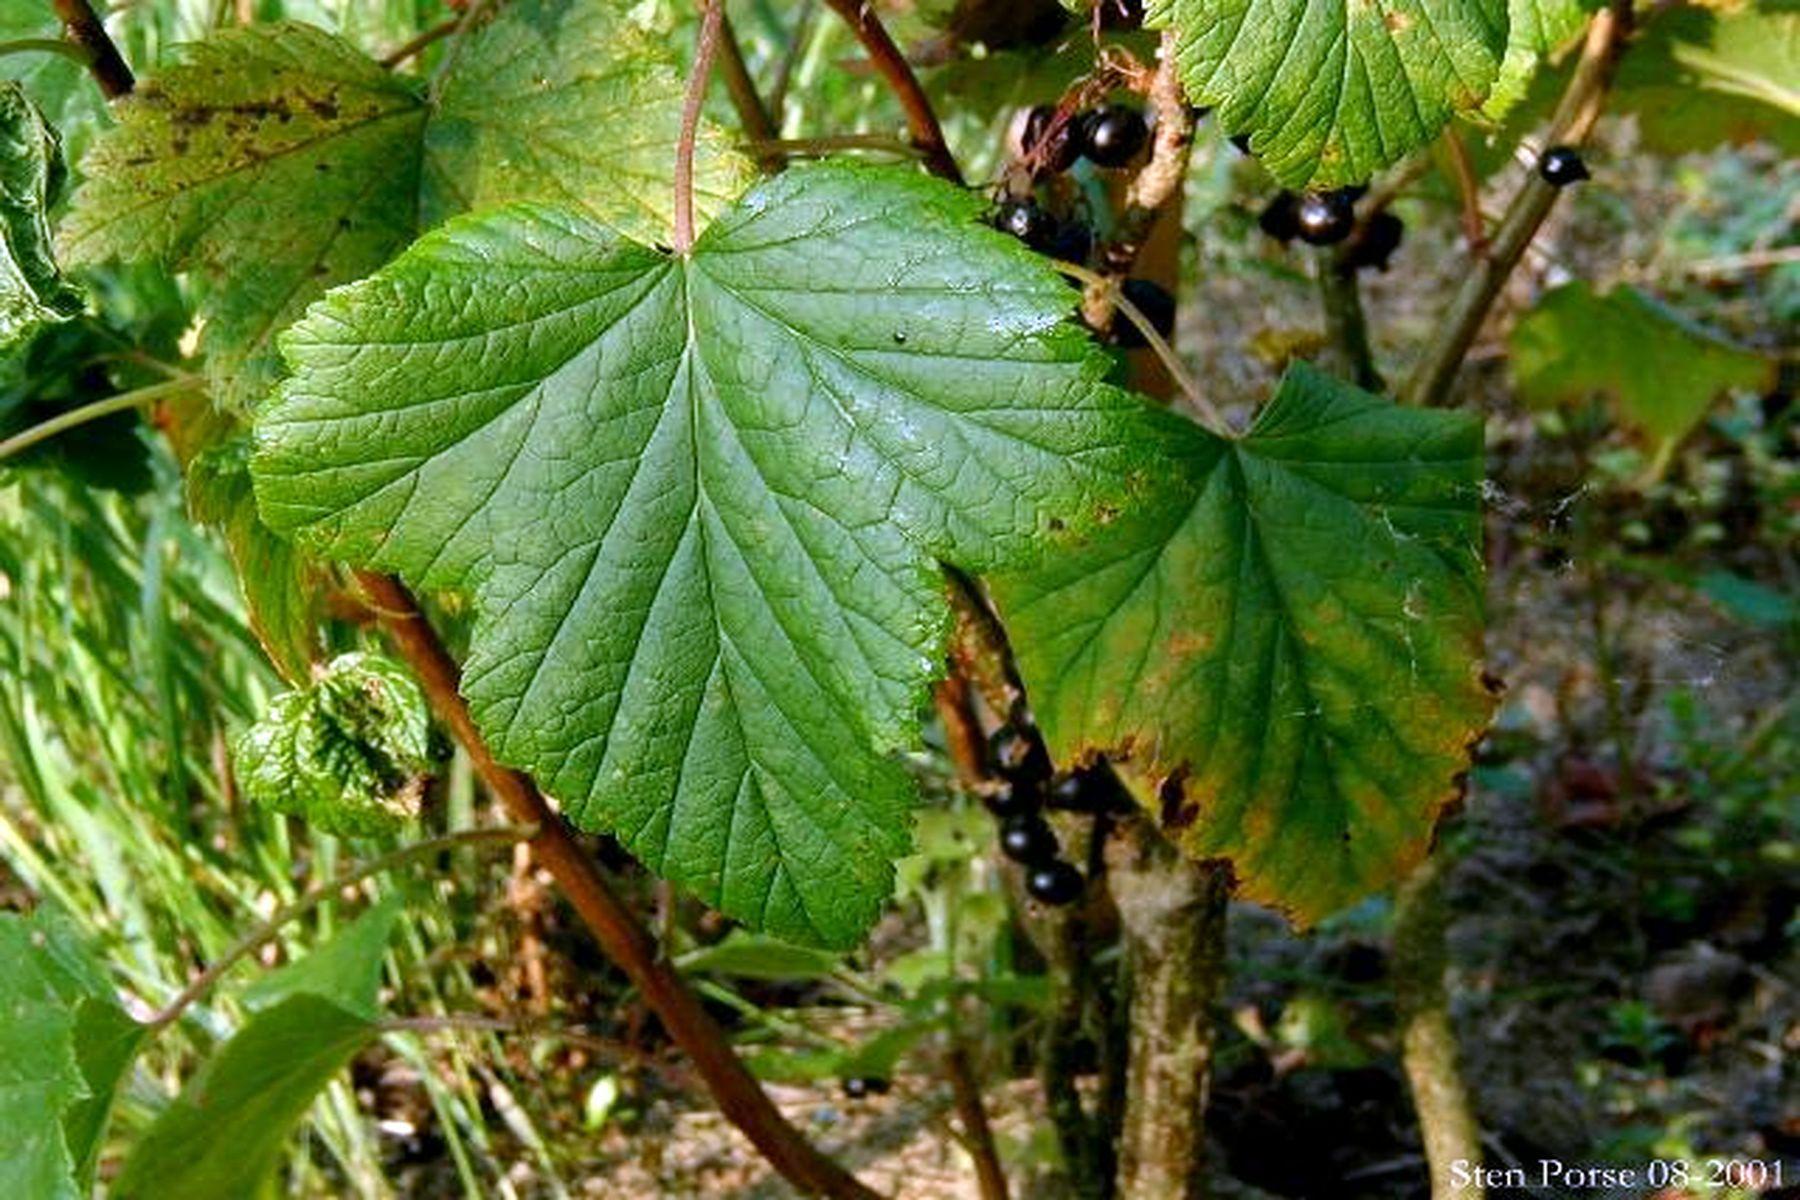 solbaerblad raavare